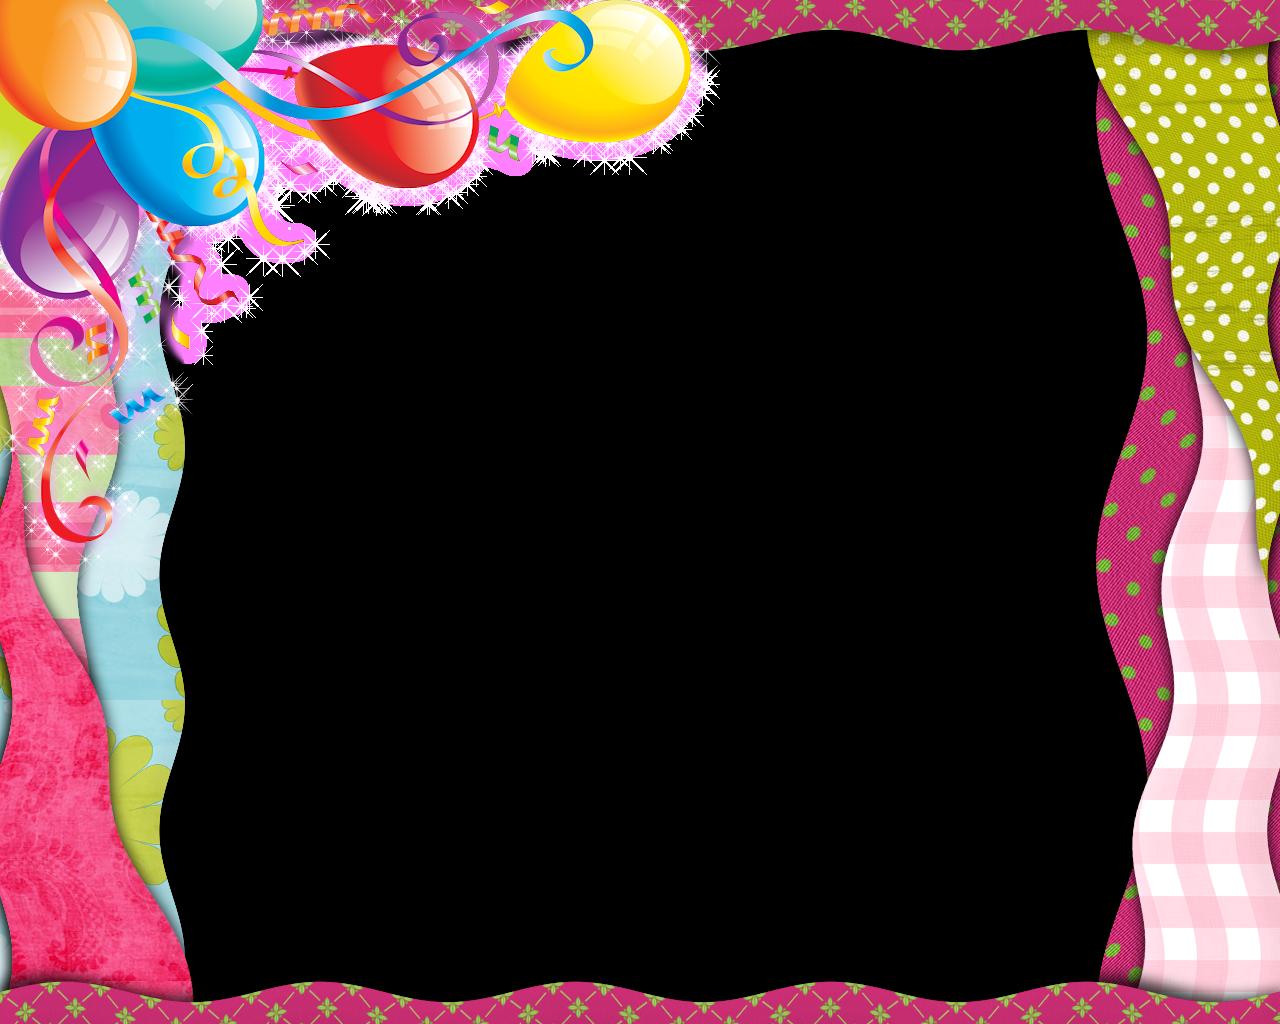 Einladung clipart vector free download Clipart Kindergeburtstag Einladung Gratis Einladungskarten Von Das ... vector free download